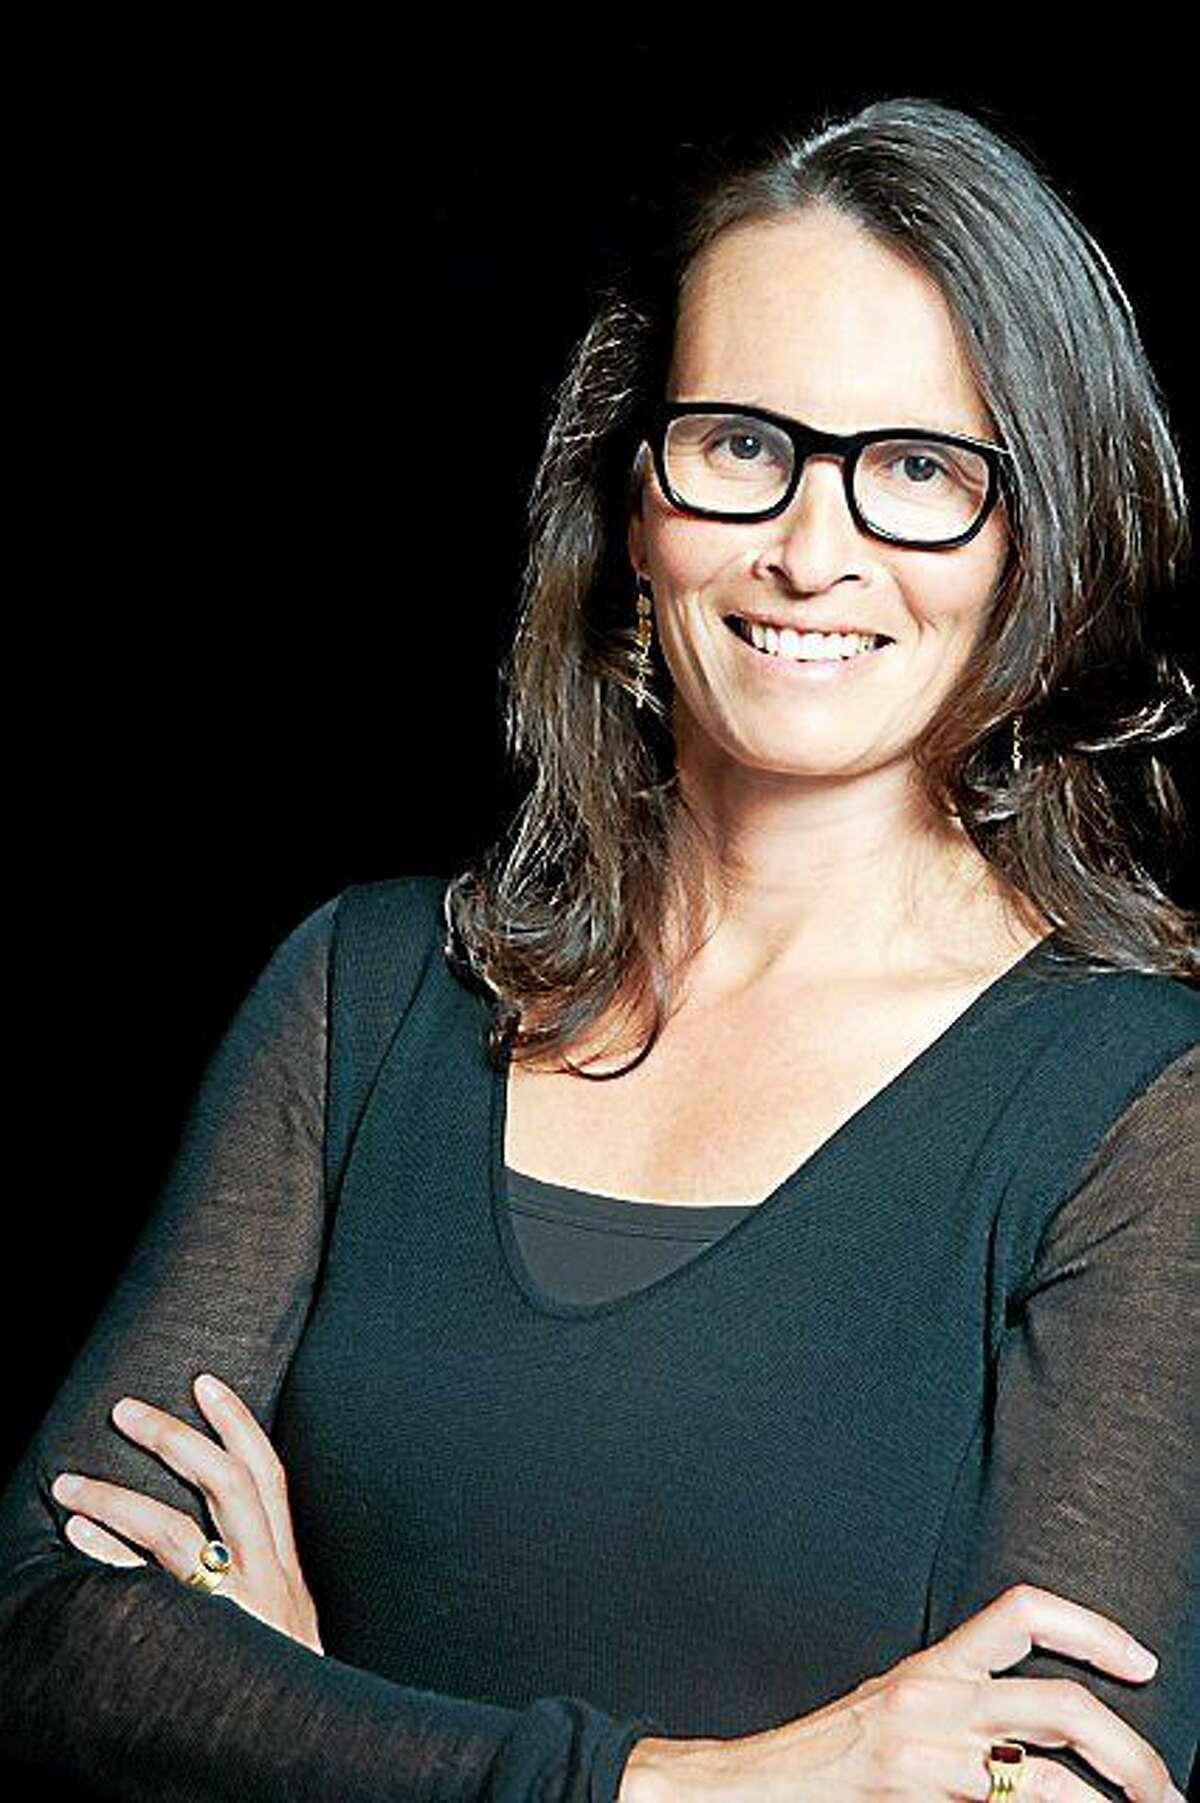 Kate Rushin